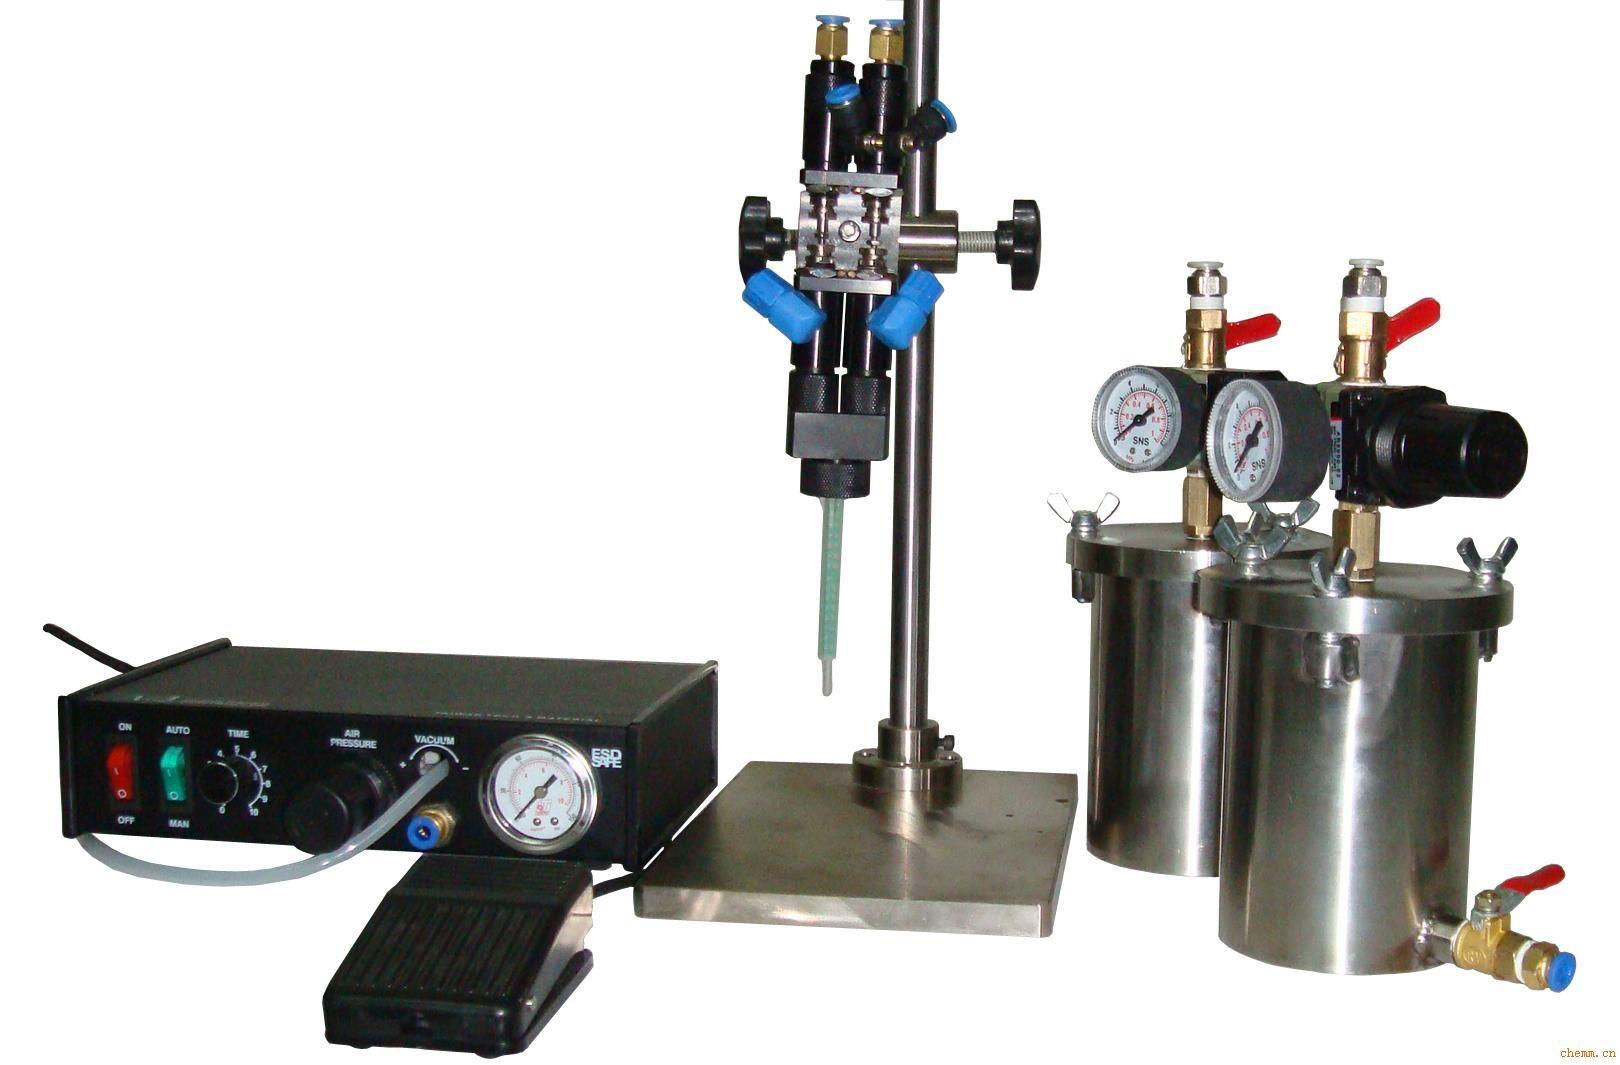 二手全制动三边液体 化工计量设备  产品名称:双液点胶机 产品编号